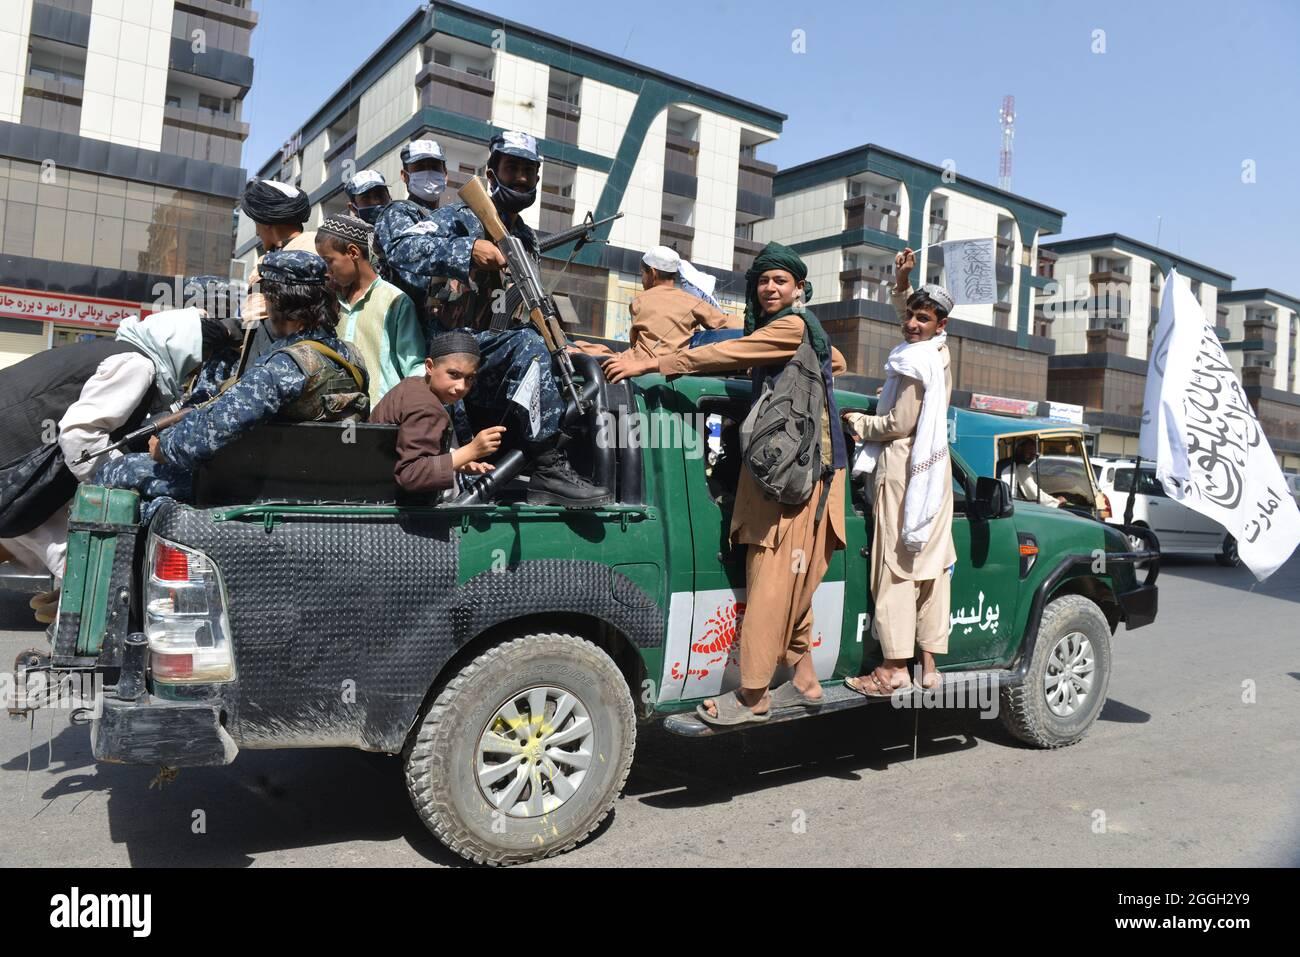 Kandahar città, Afghanistan meridionale. 31 agosto 2021. I combattenti talebani e i loro sostenitori hanno celebrato in tutto l'Afghanistan con la partenza finale di tutte le truppe statunitensi. Brinda a una fine di 20 anni di presenza militare straniera. Foto Stock